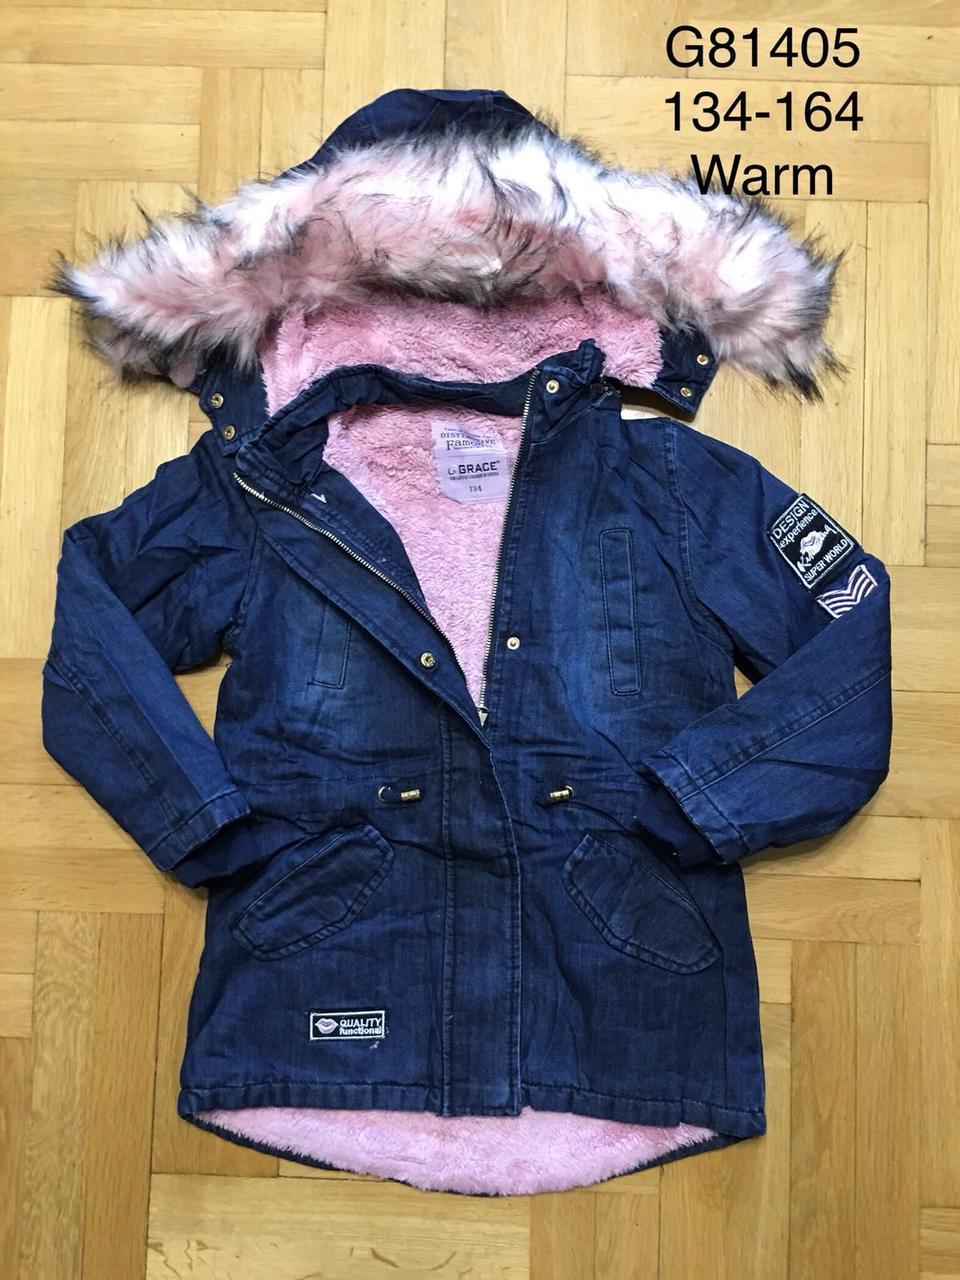 Джинсовая зимняя куртка для девочек оптом, Grace, 100% хлопок, 134-164 см, арт. G 81405